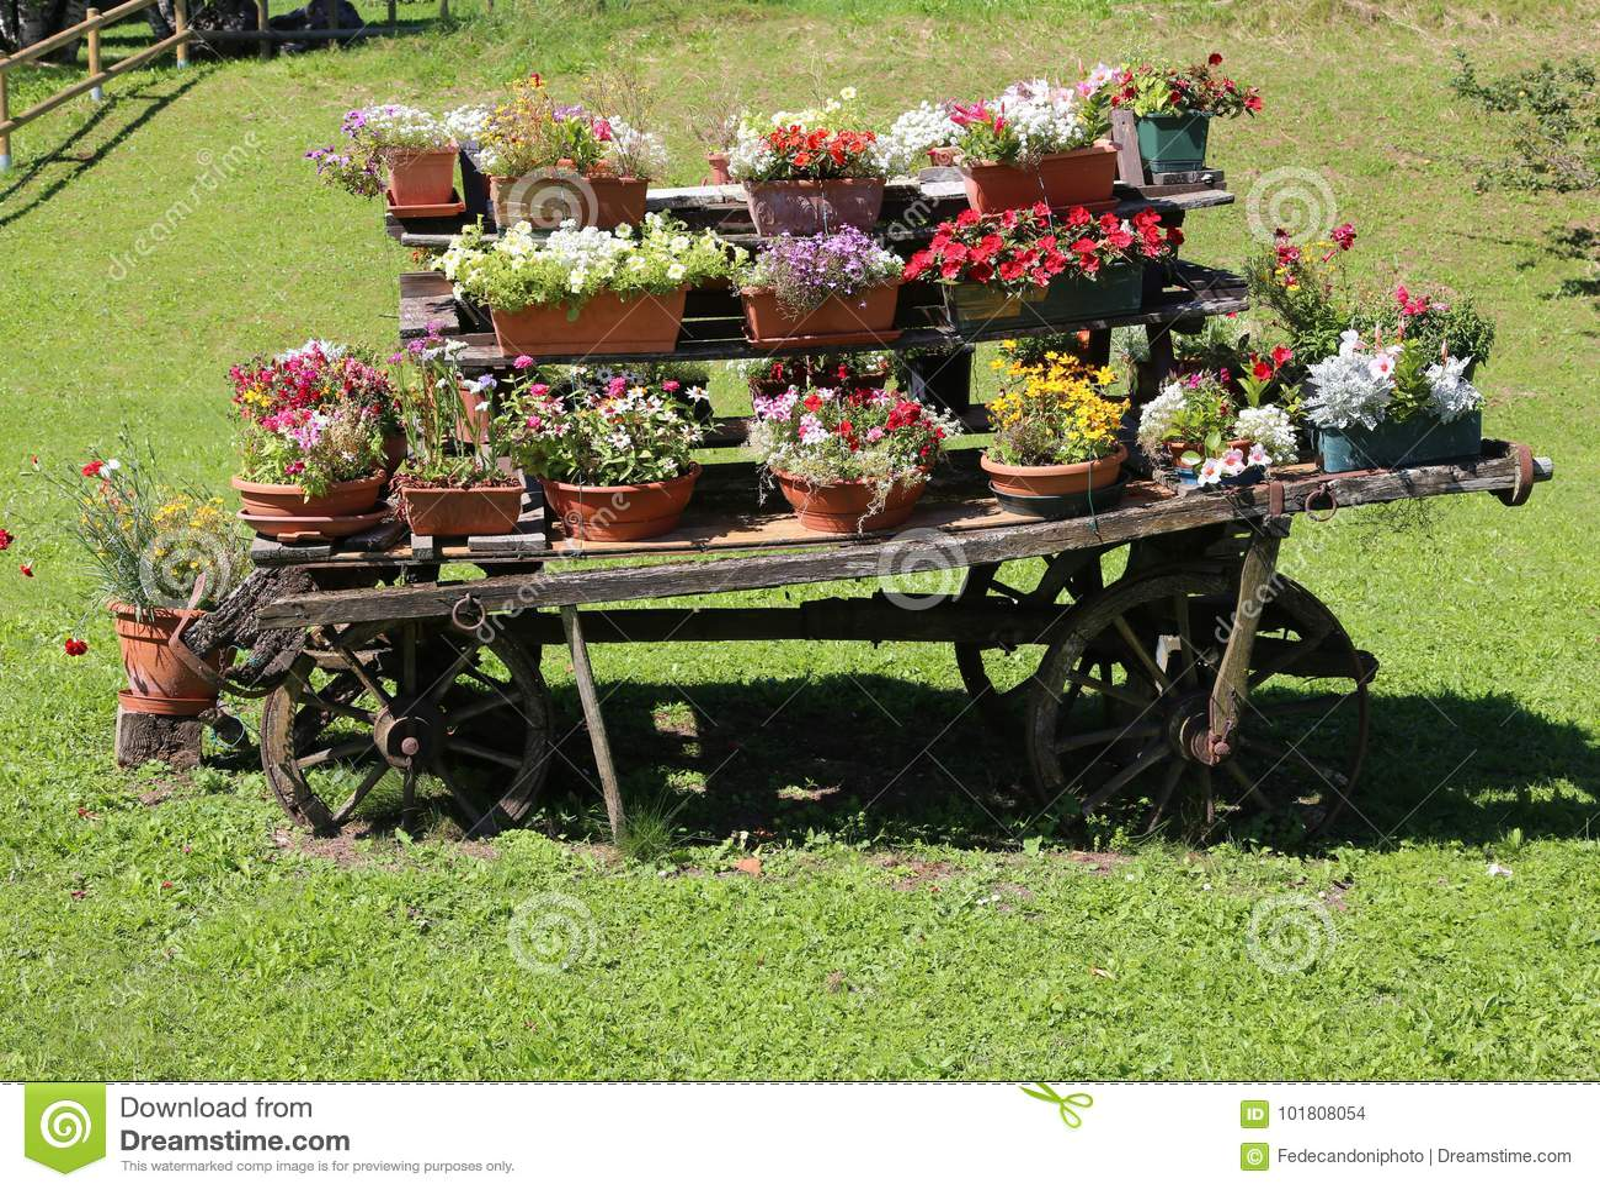 Decorazione Vasi Da Giardino : Biga di legno con i vasi da fiori per decorare il giardino